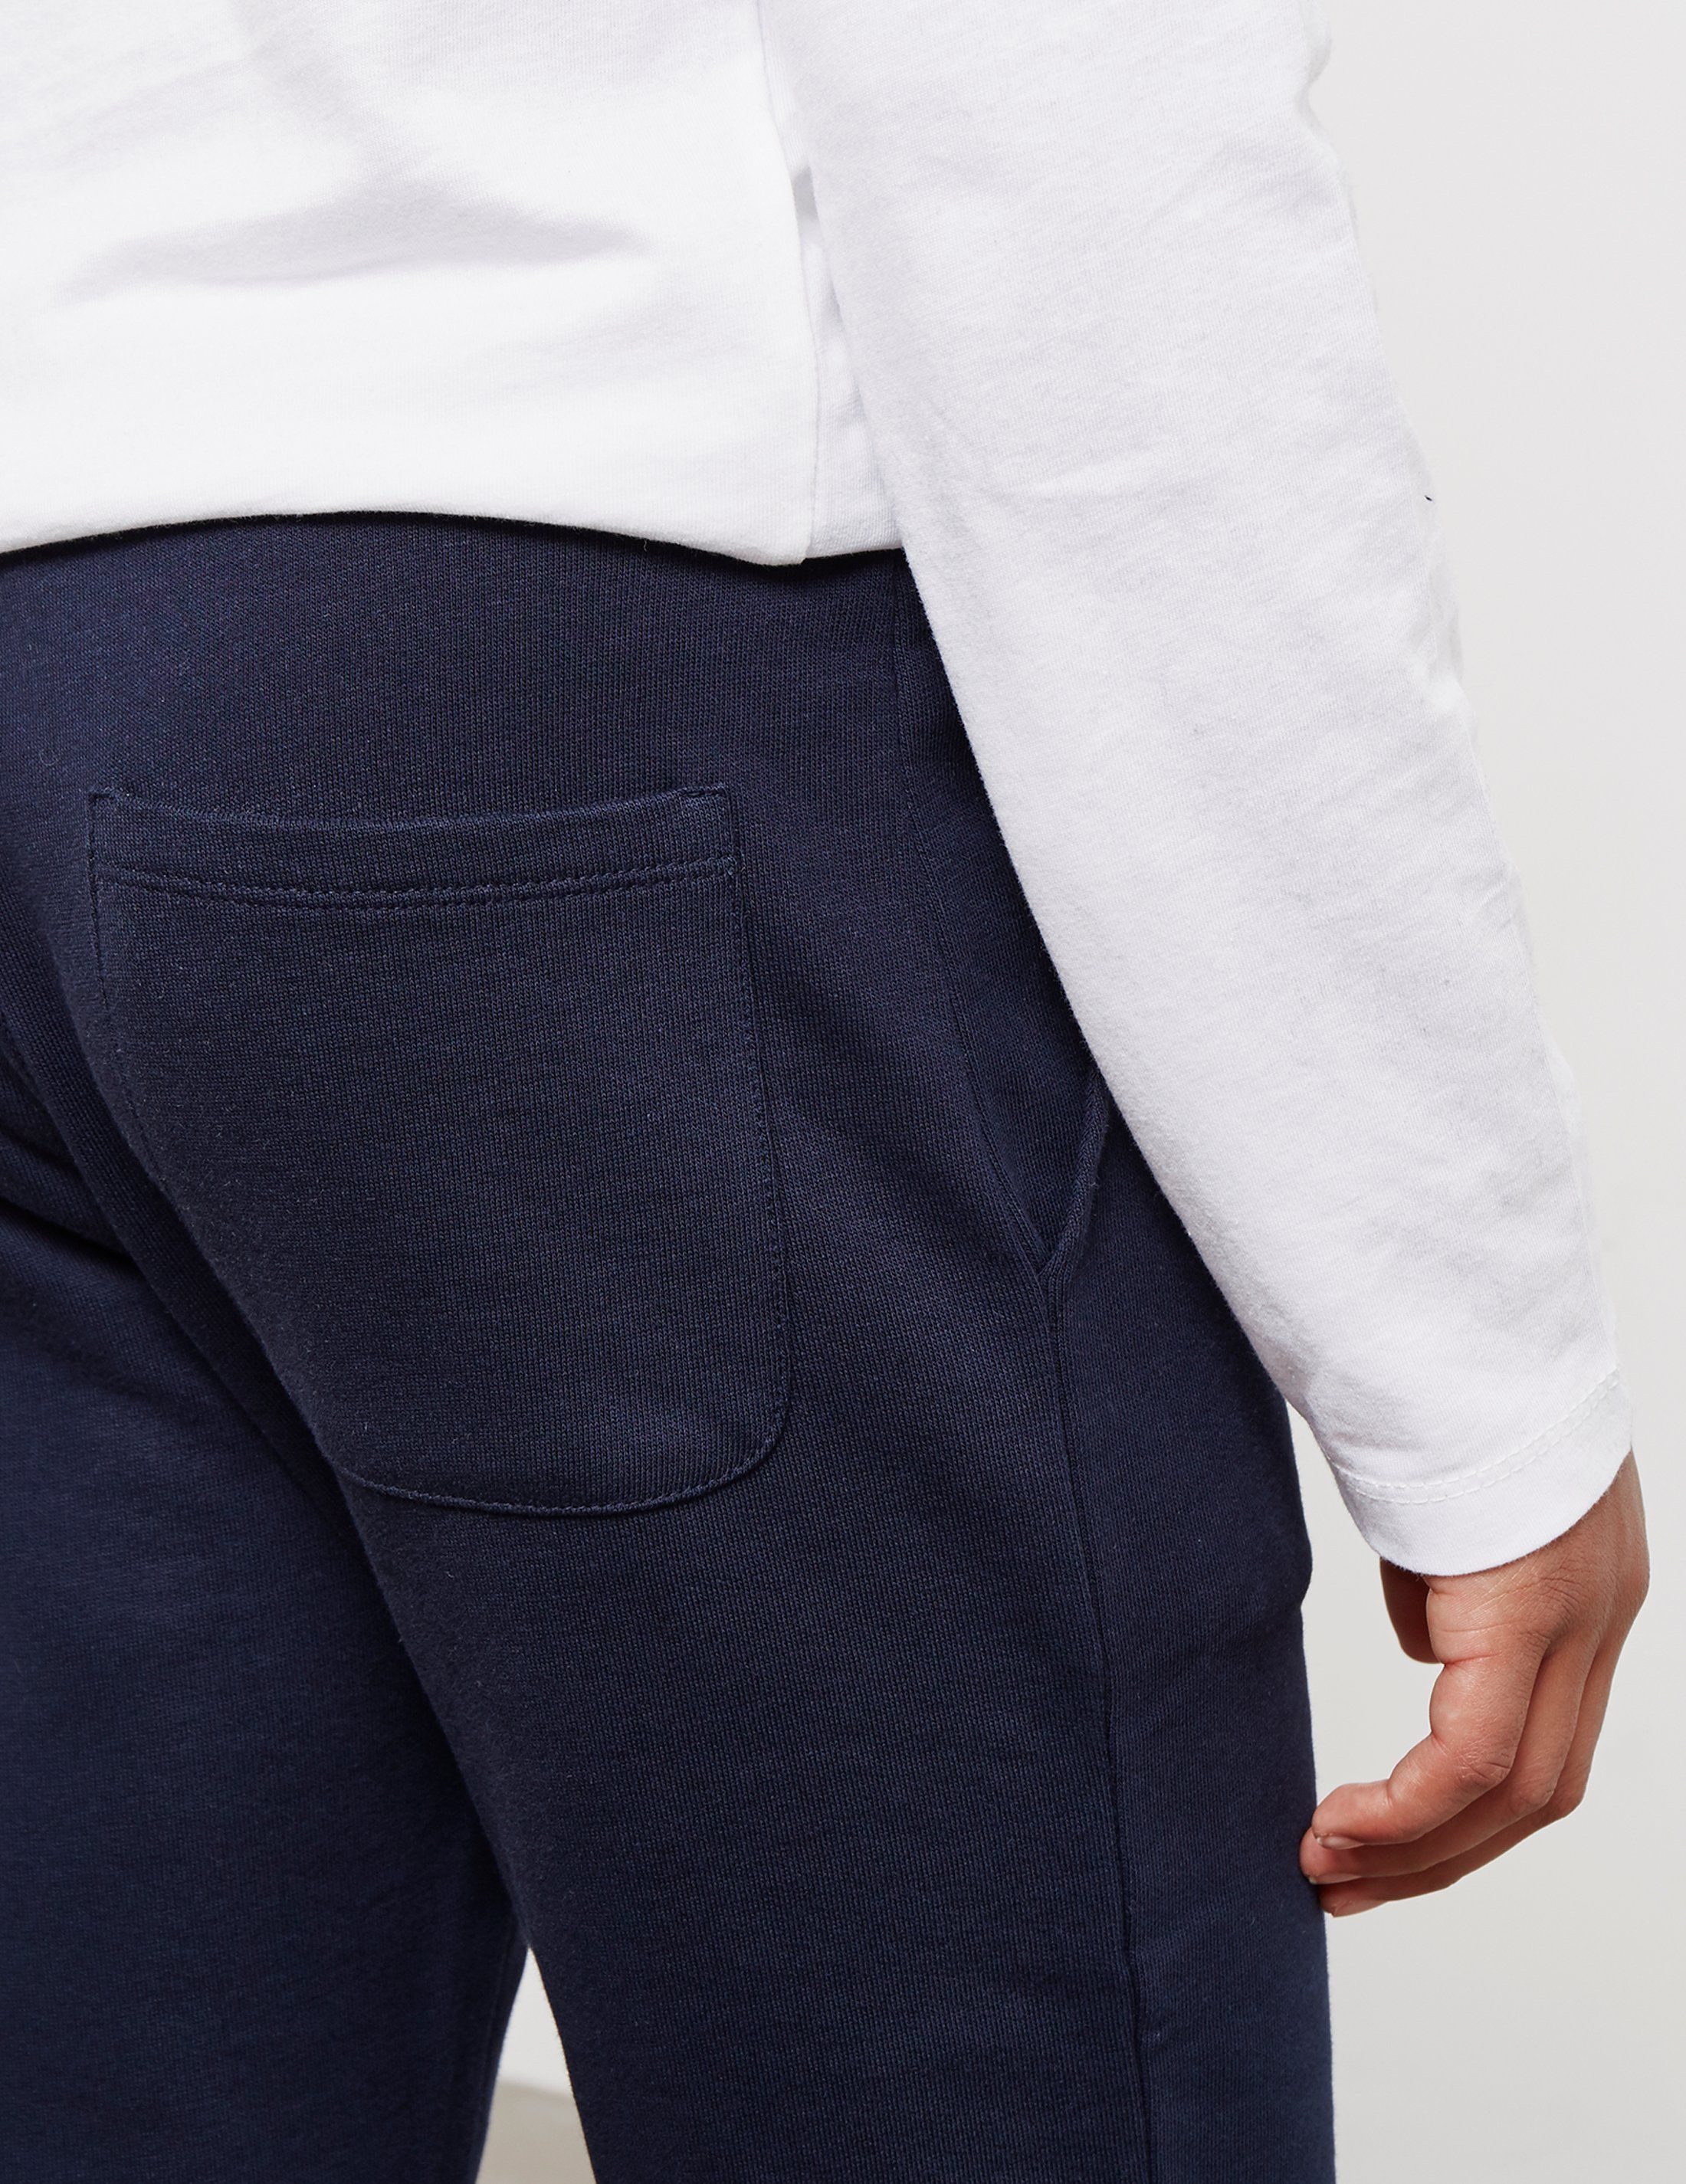 Lanvin Track Pants - Online Exclusive